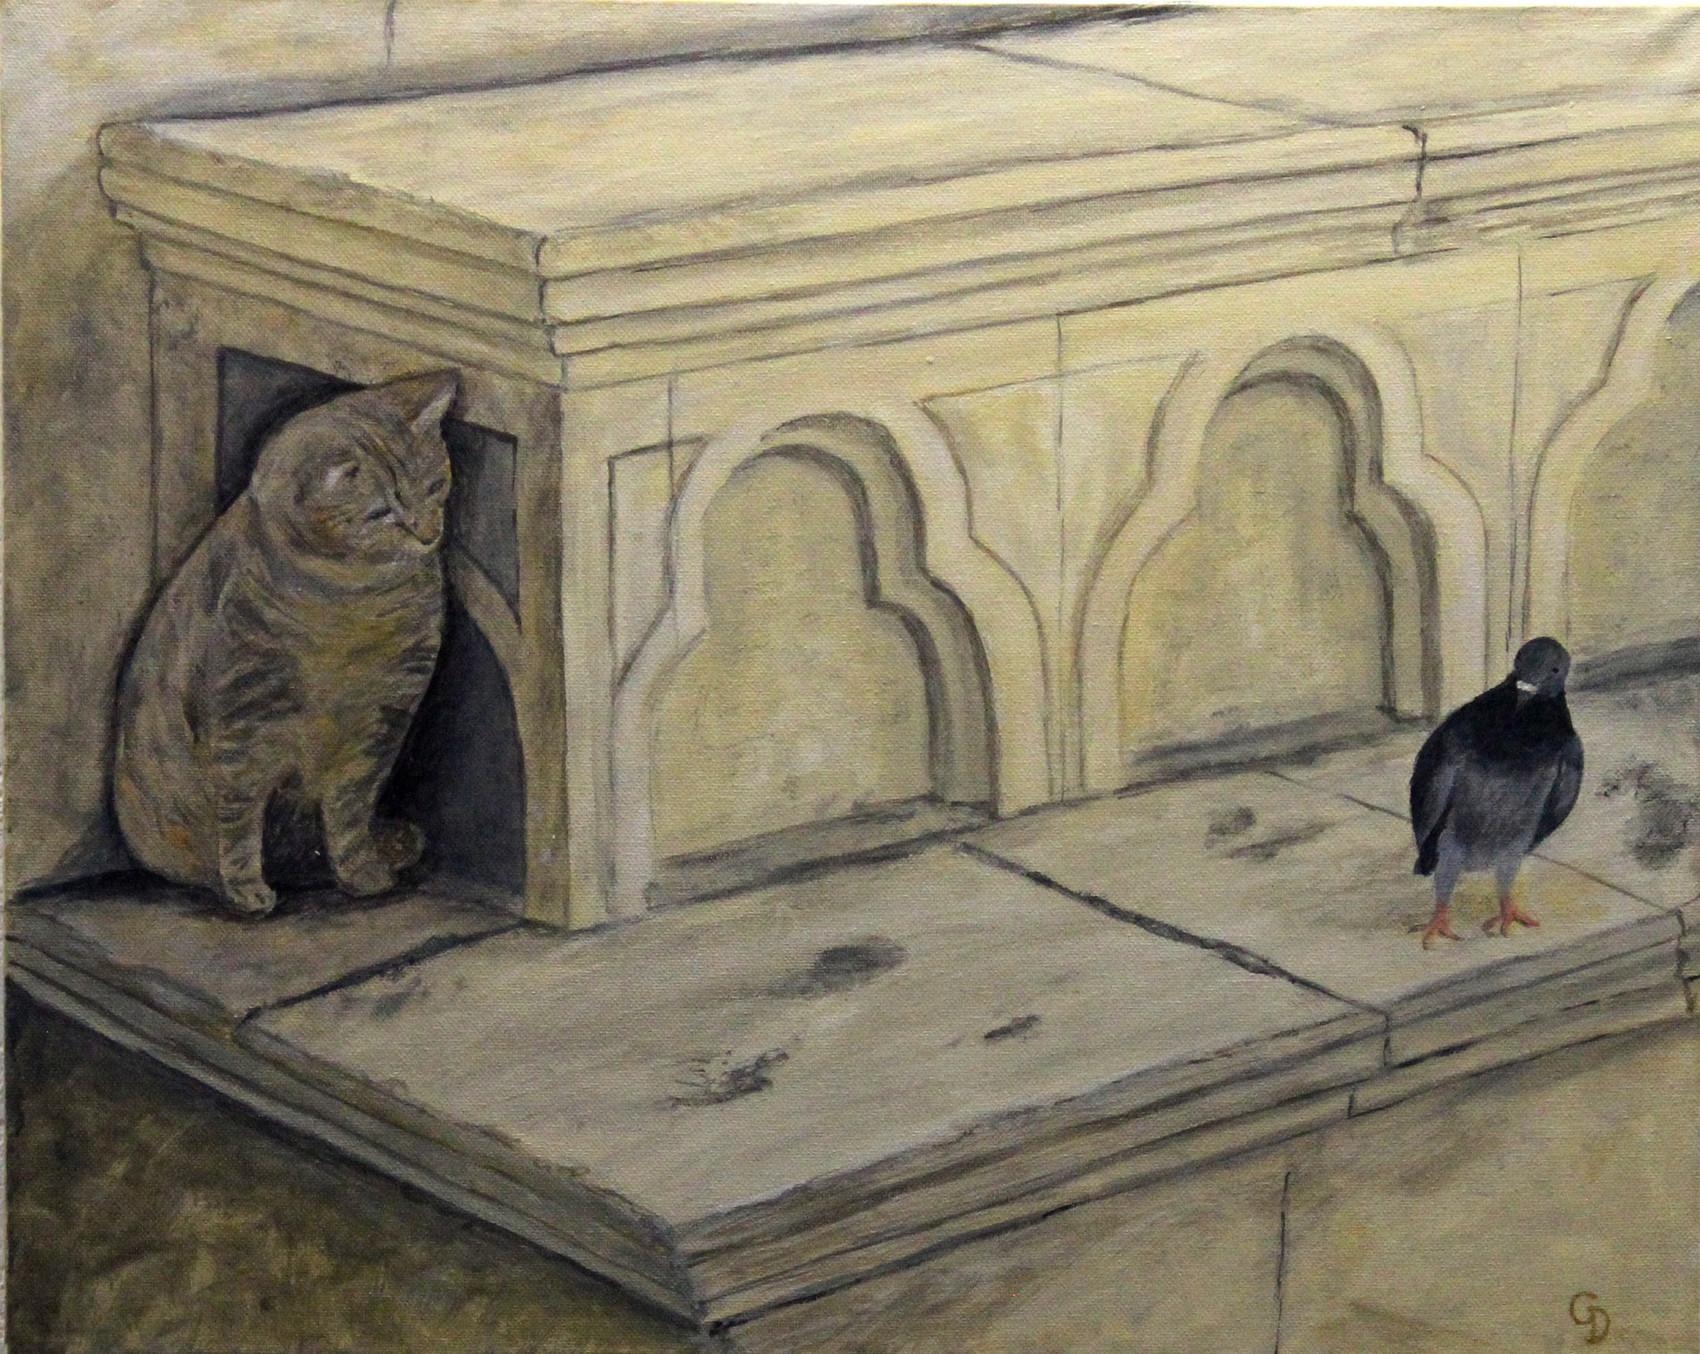 289 - Jeune chat et vieux pigeon, mefiance reciproque.